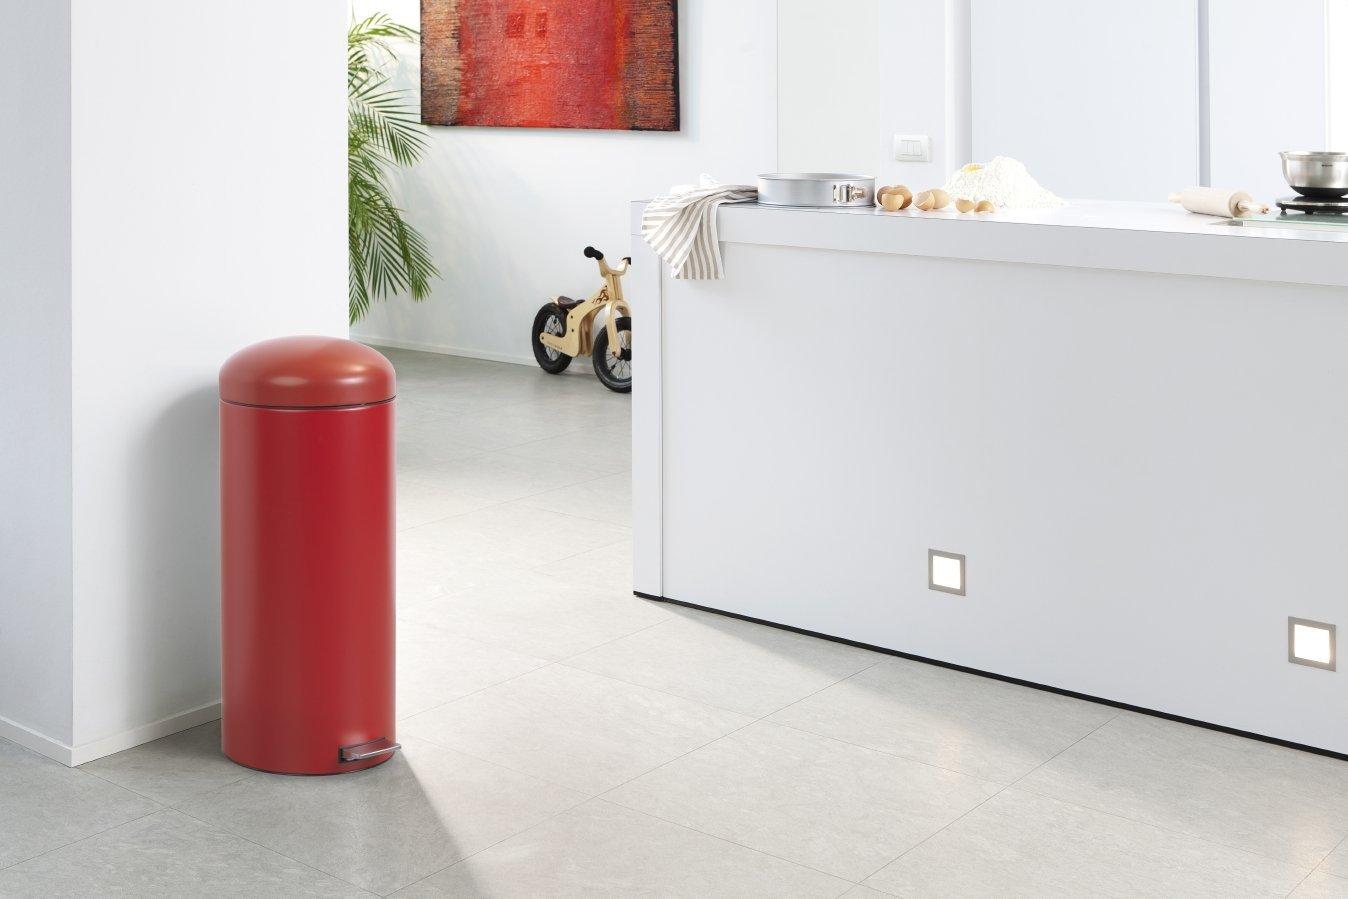 Бак для мусора Retro Bin Brabantia, объем 30 л, темно-красный Brabantia 479304 фото 5